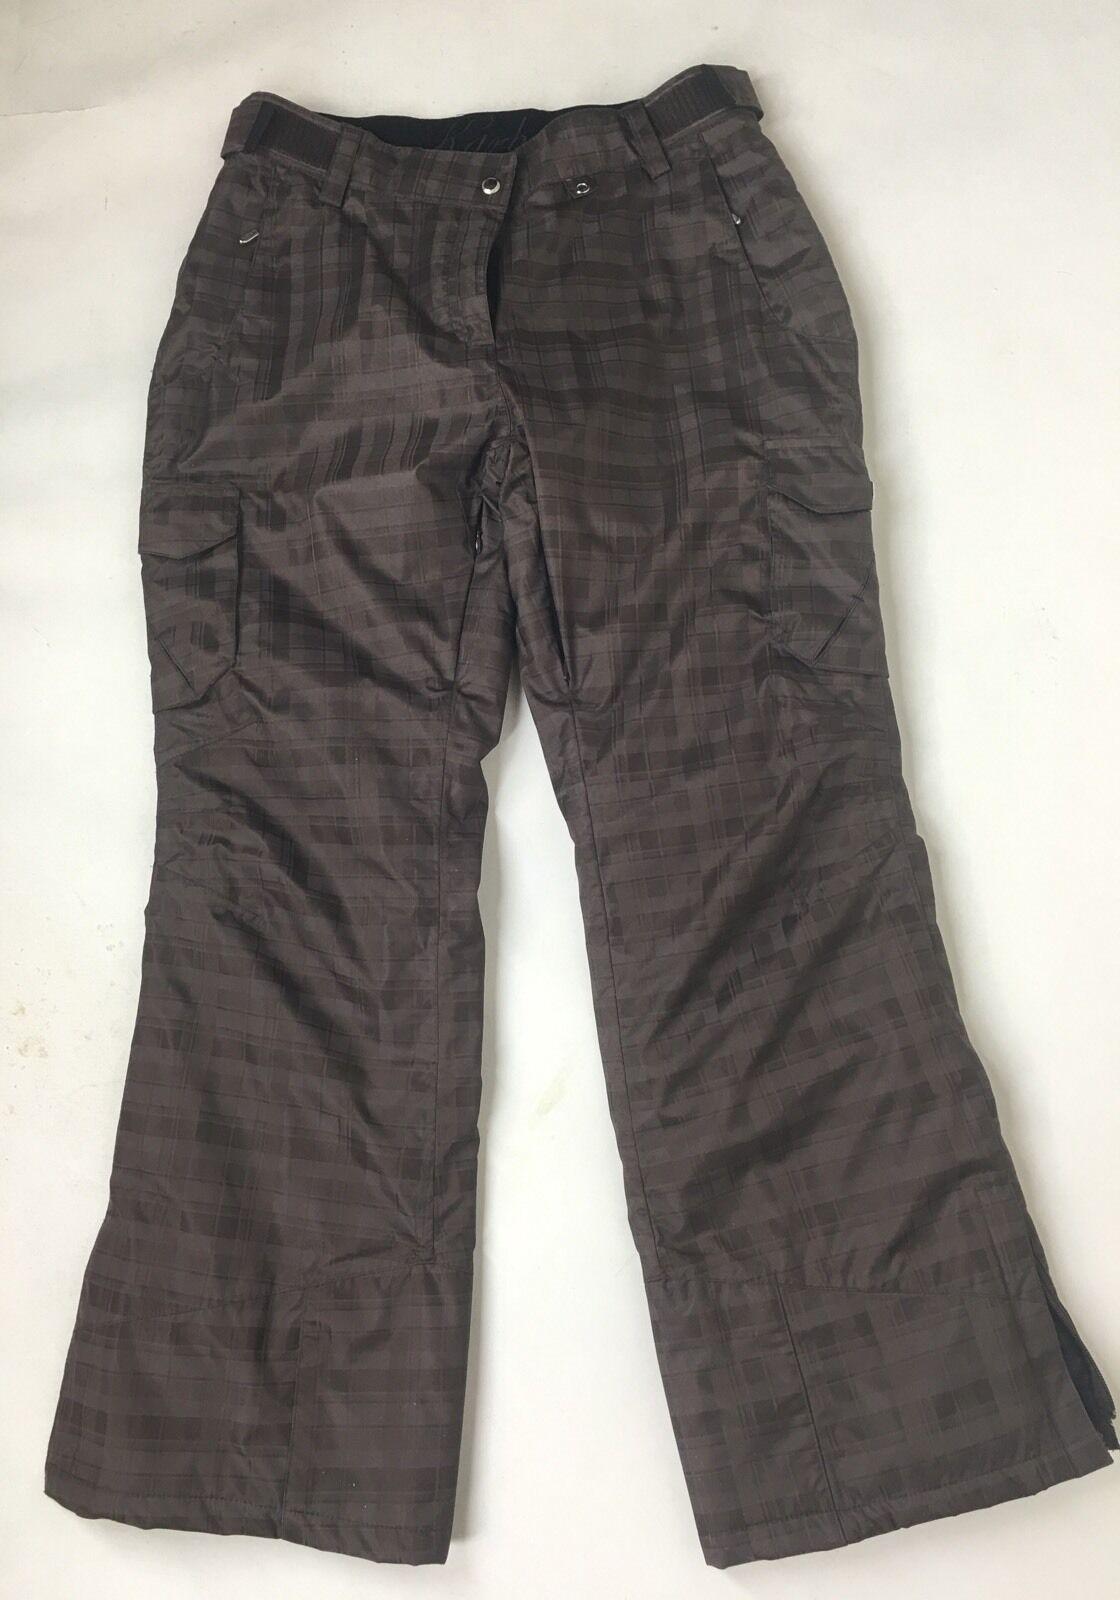 Karbon Ski Snowboard Pants Woman's Size 10